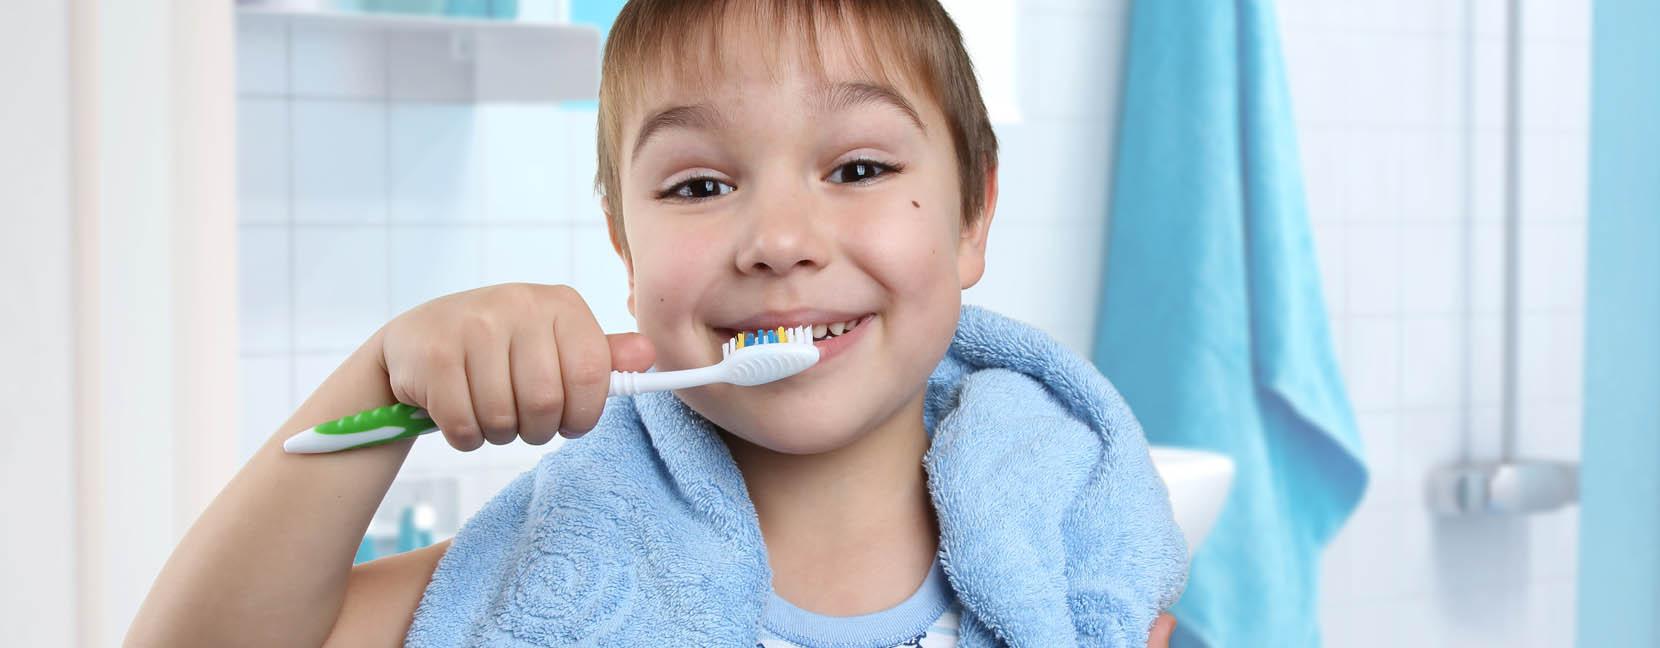 Bambino sorridente che si lava i denti seguendo le regole